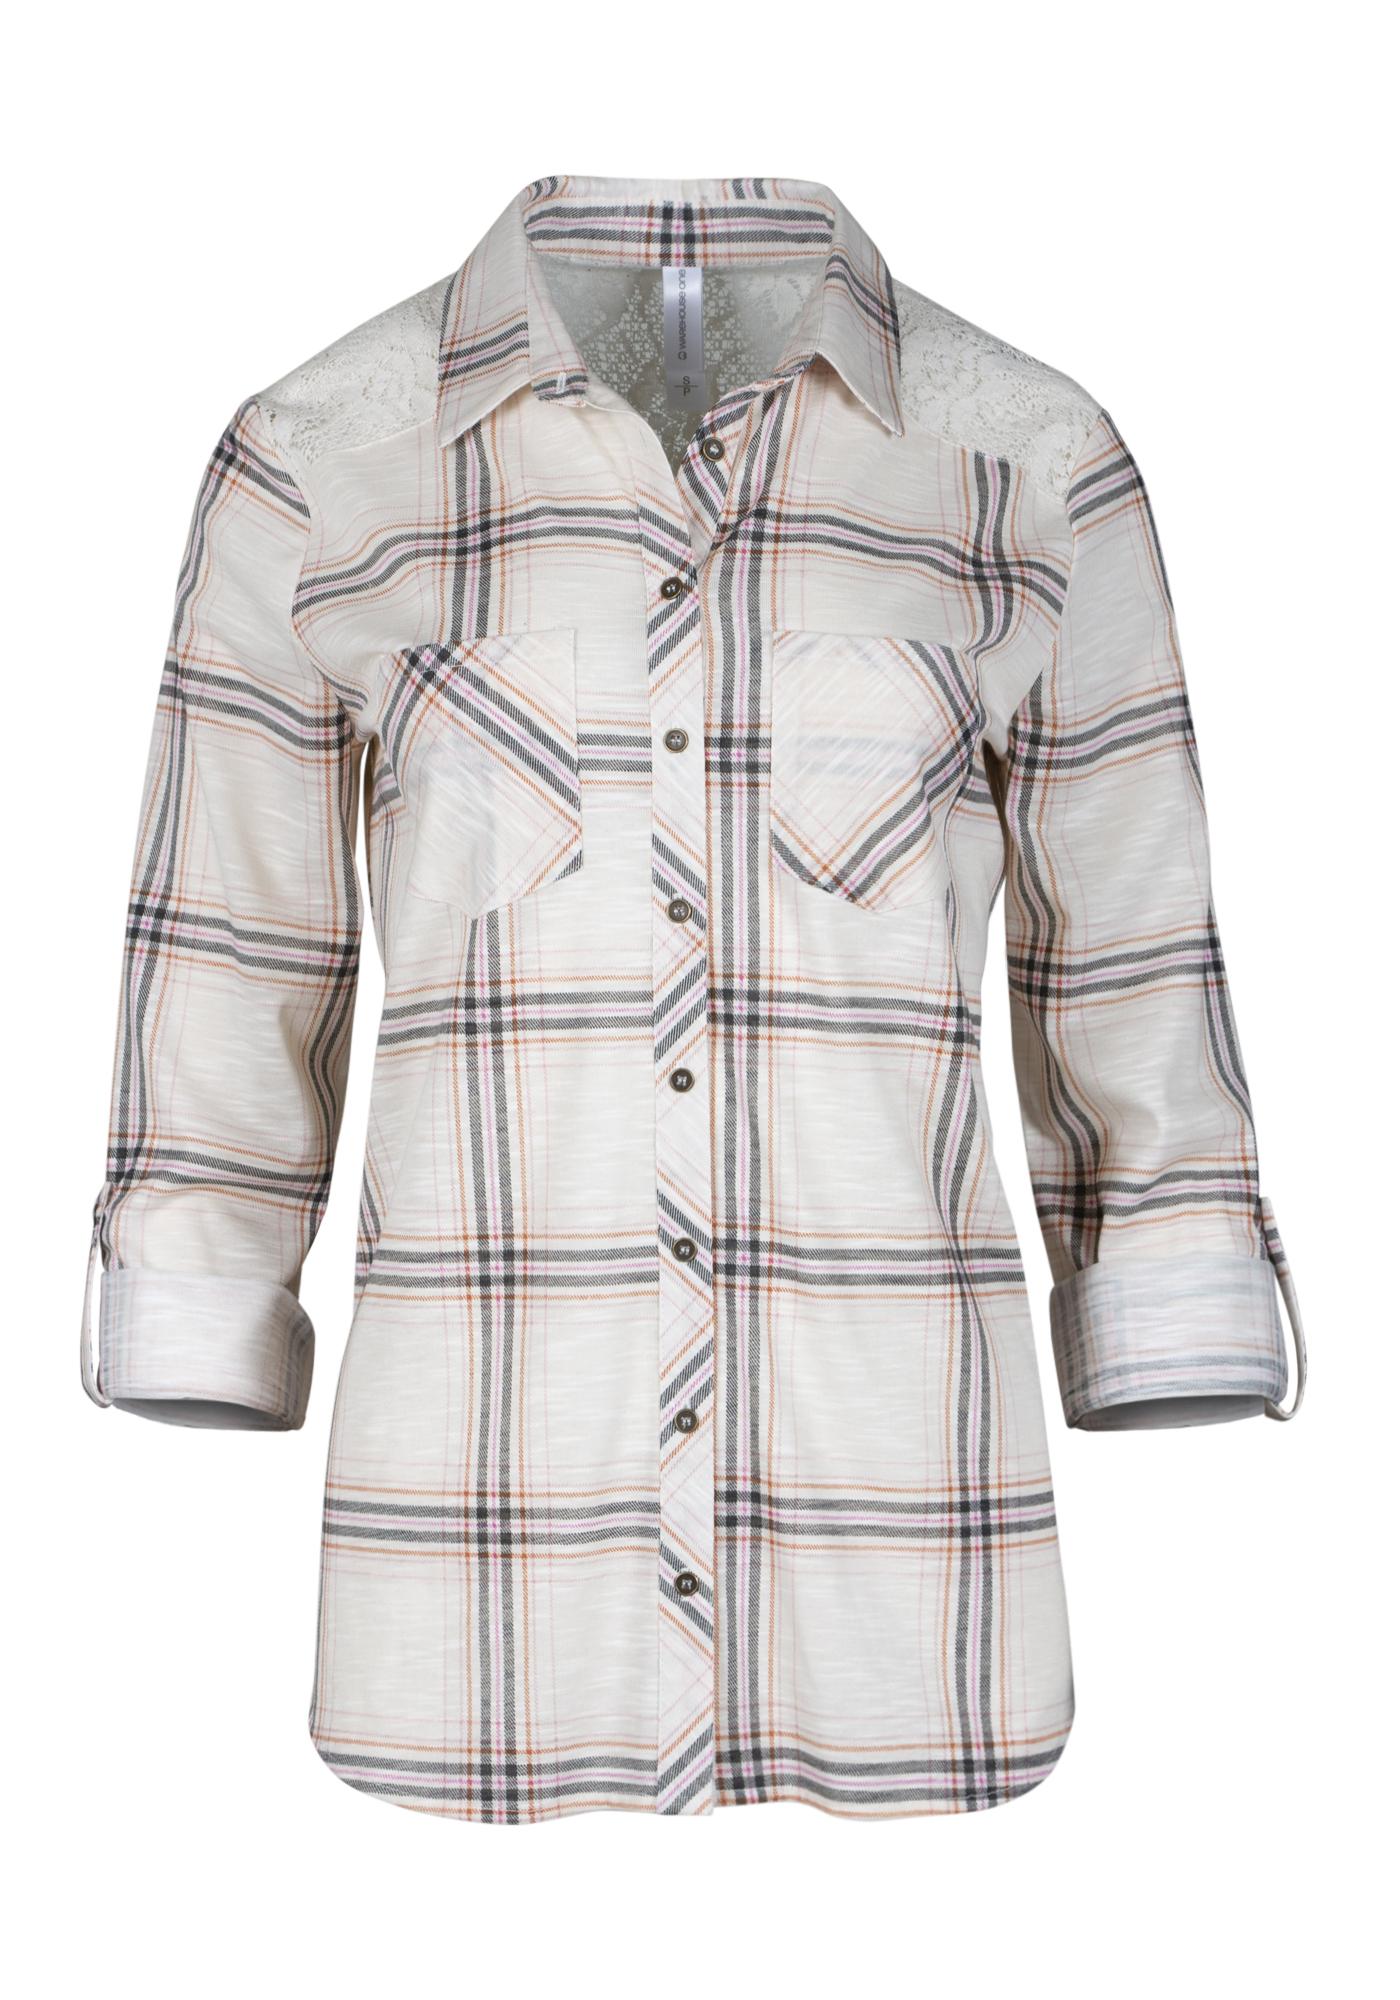 c87cef64 Women's Lace Trim Knit Plaid Shirt, LIGHT PINK, hi-res